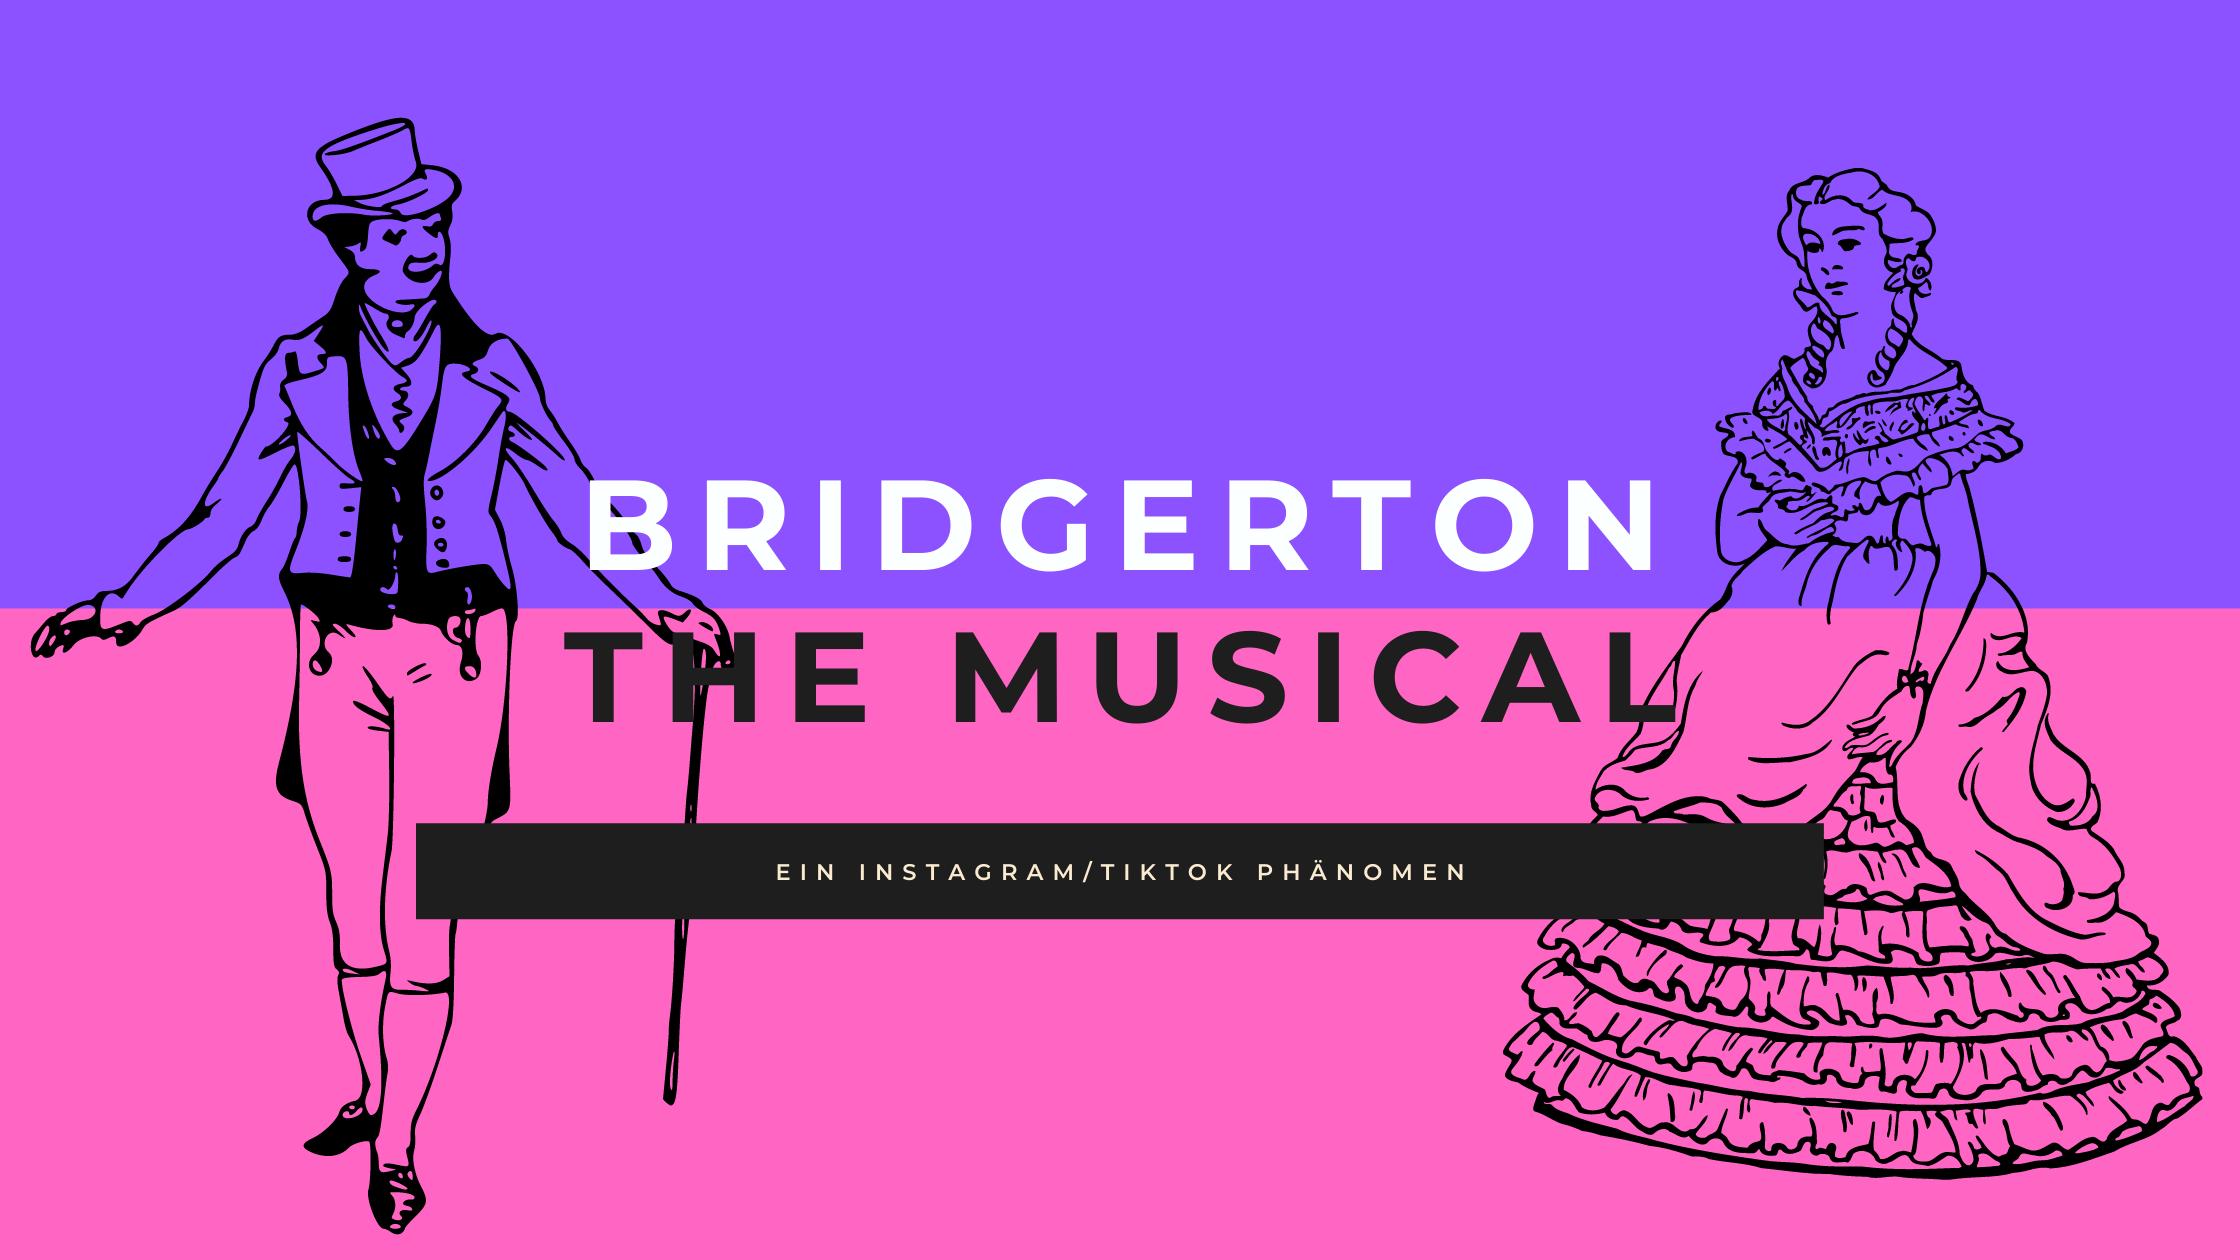 Das Bridgerton Musical – ein Instagram/TikTok Phänomen